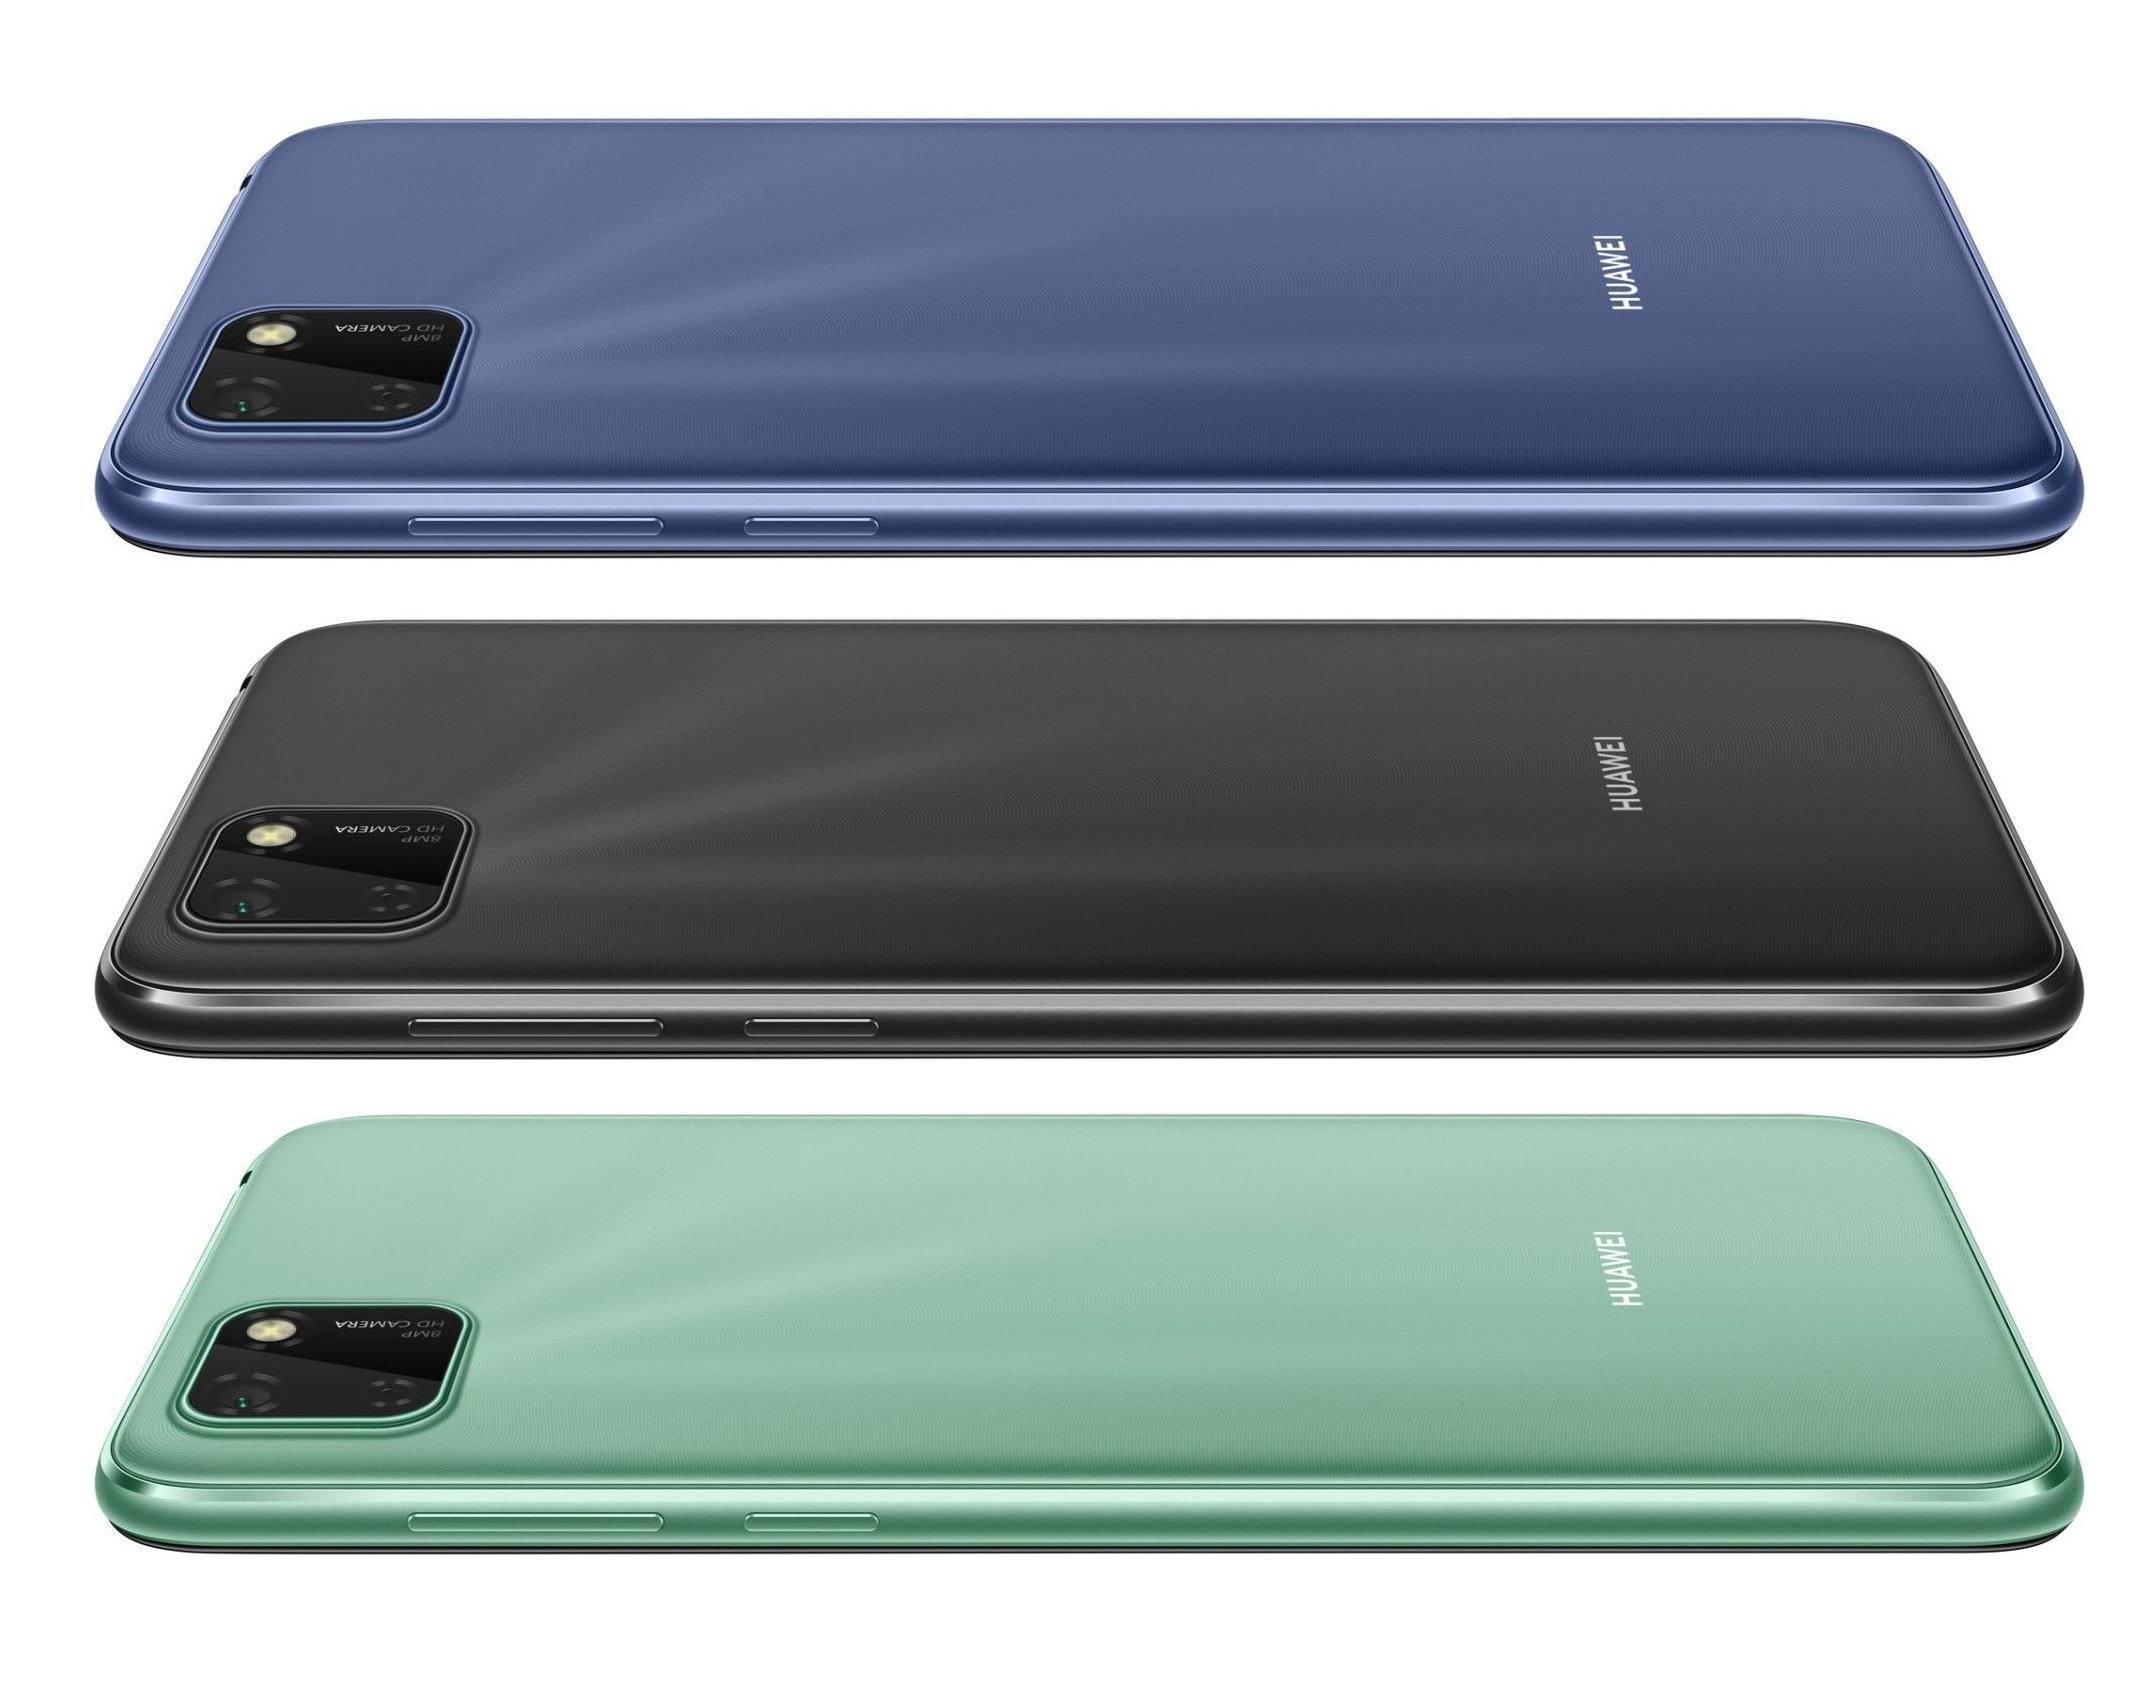 Huawei Y5p Y6p 4 2152x1684x